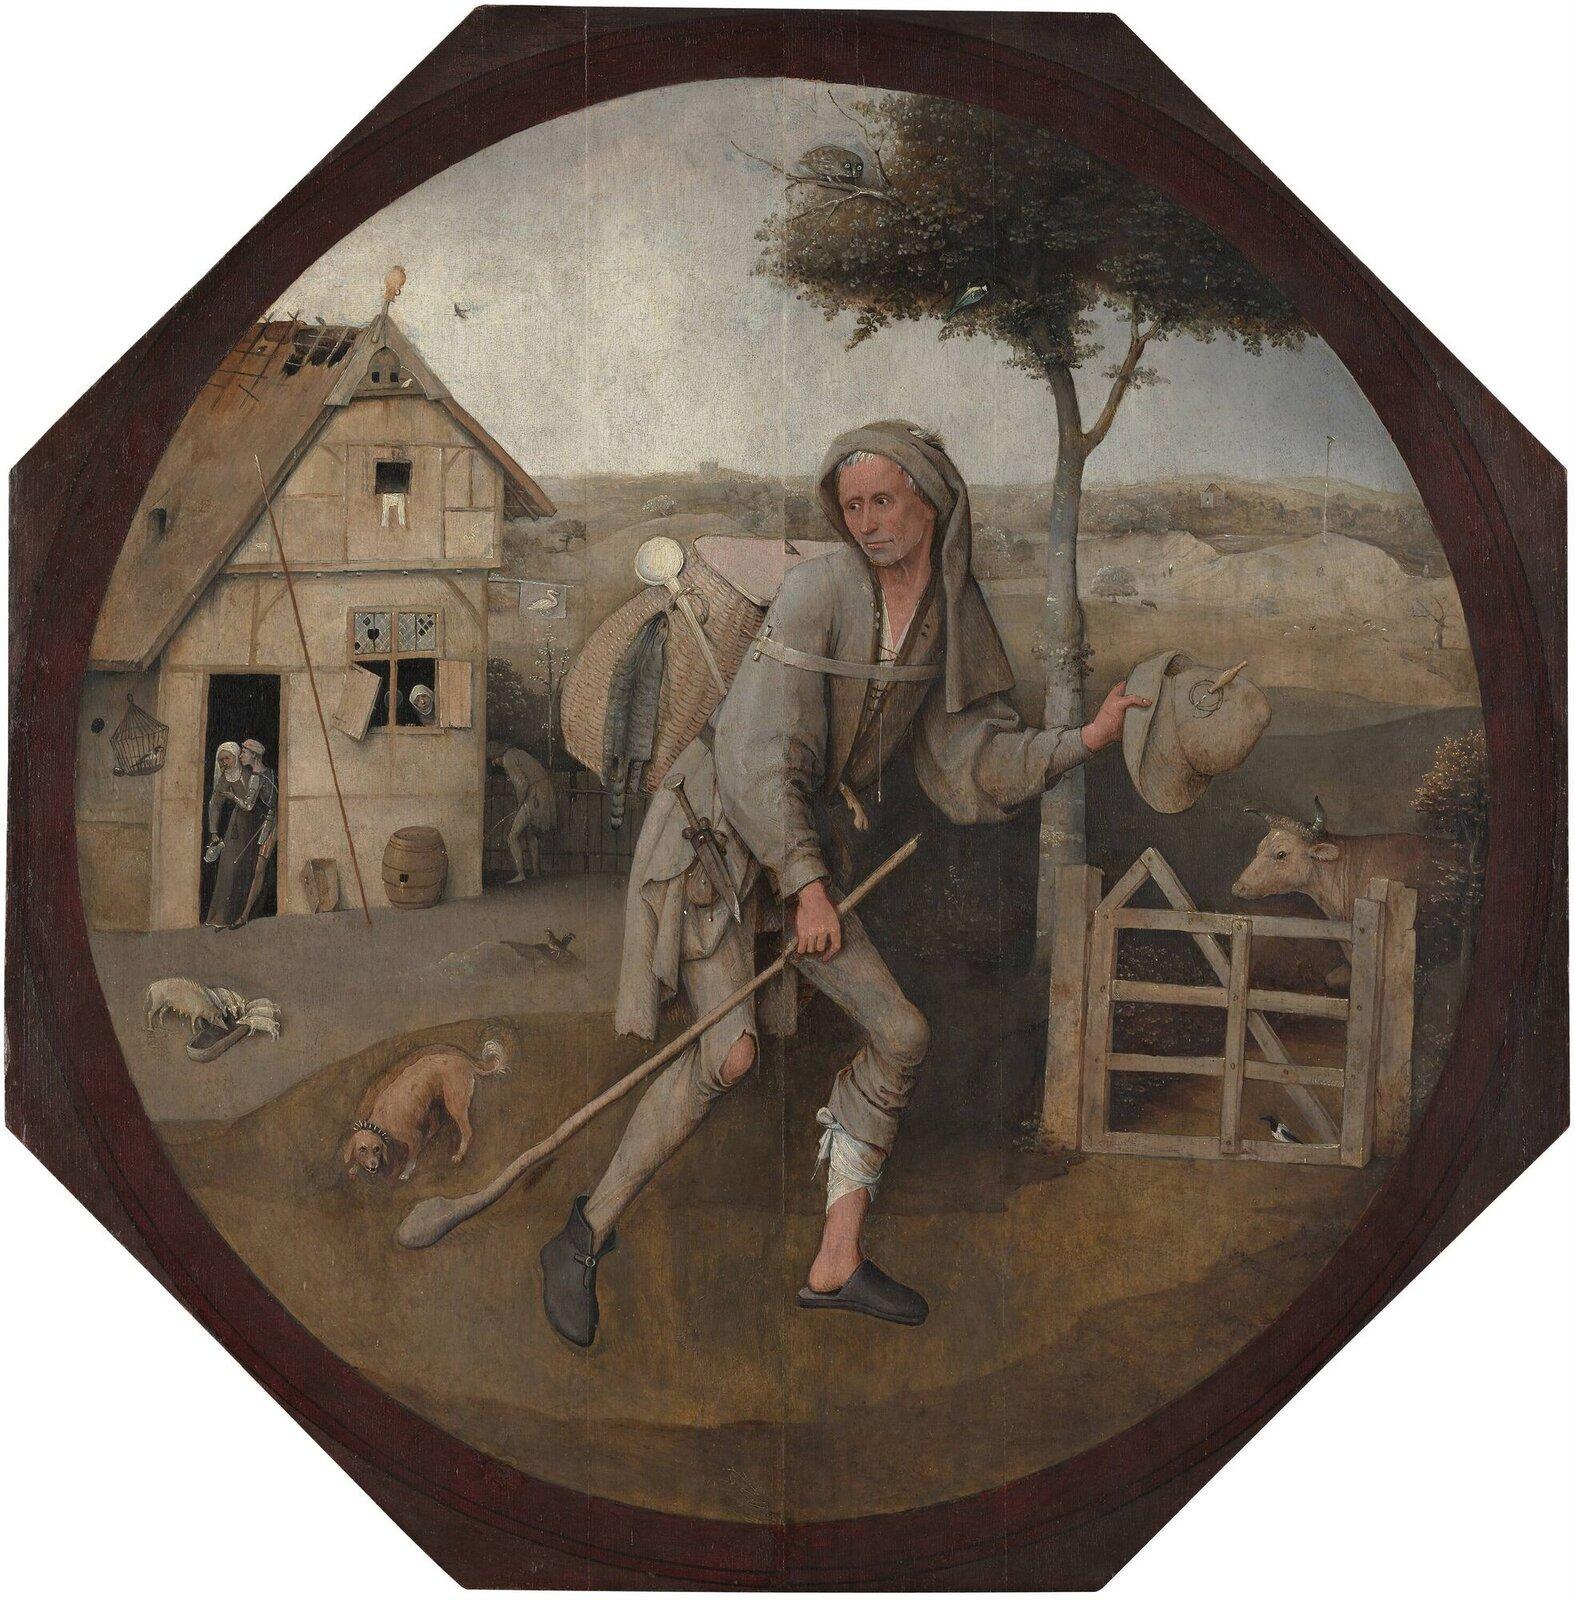 Wędrowiec Źródło: Hieronim Bosch, Wędrowiec, 1510, Museum Boijmans Van Beuningen, Rotterdam, domena publiczna.